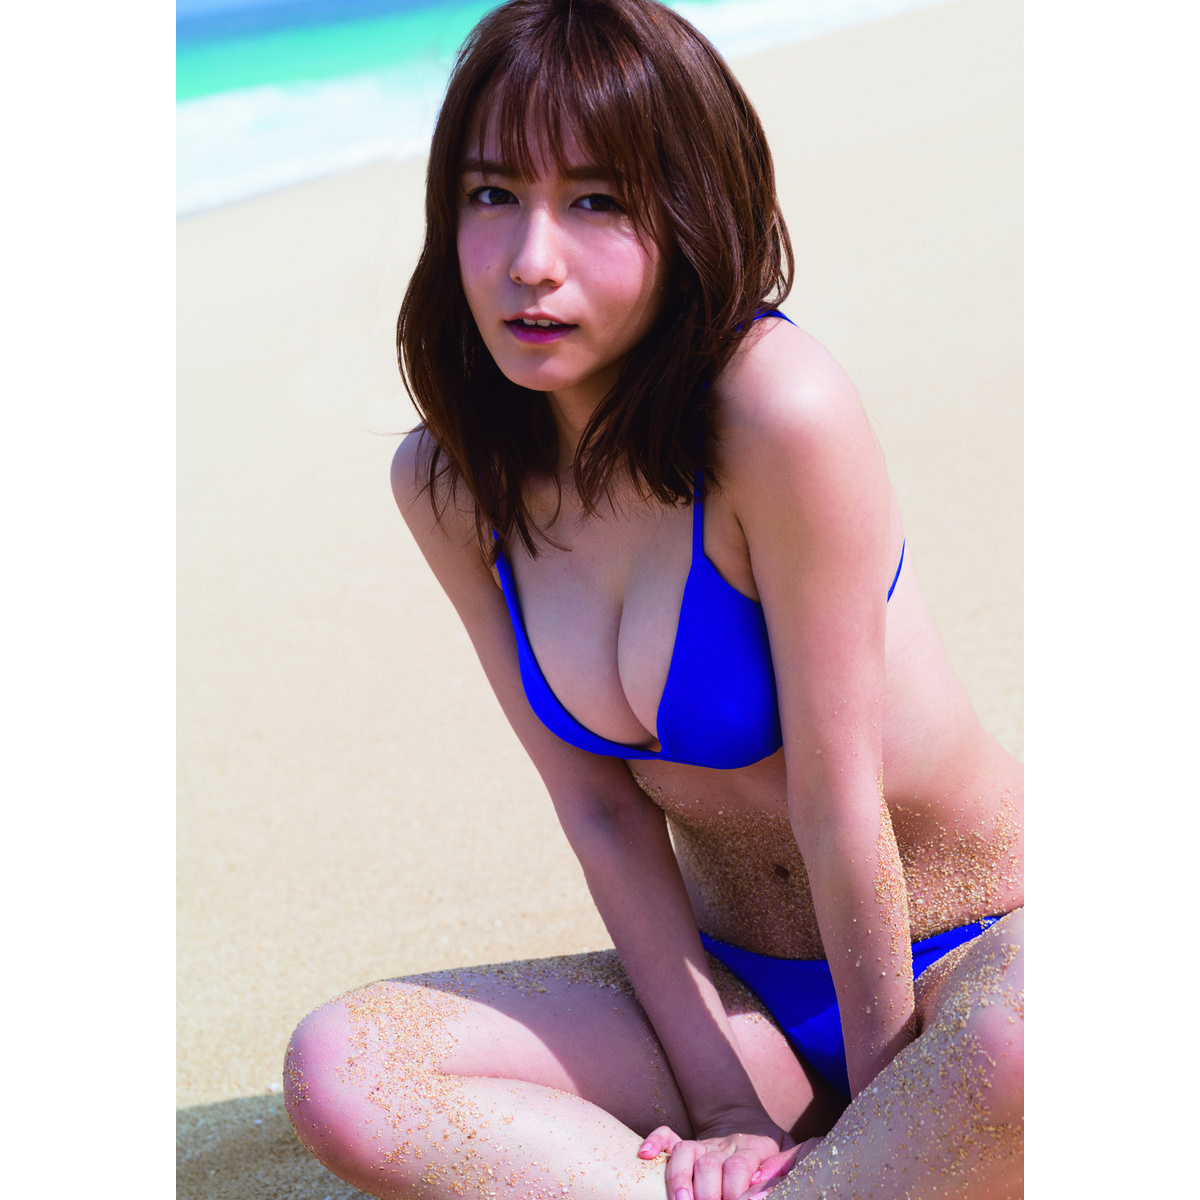 SKE48 「大場美奈」 1st写真集(セブンネット限定表紙Ver.)のサンプル画像